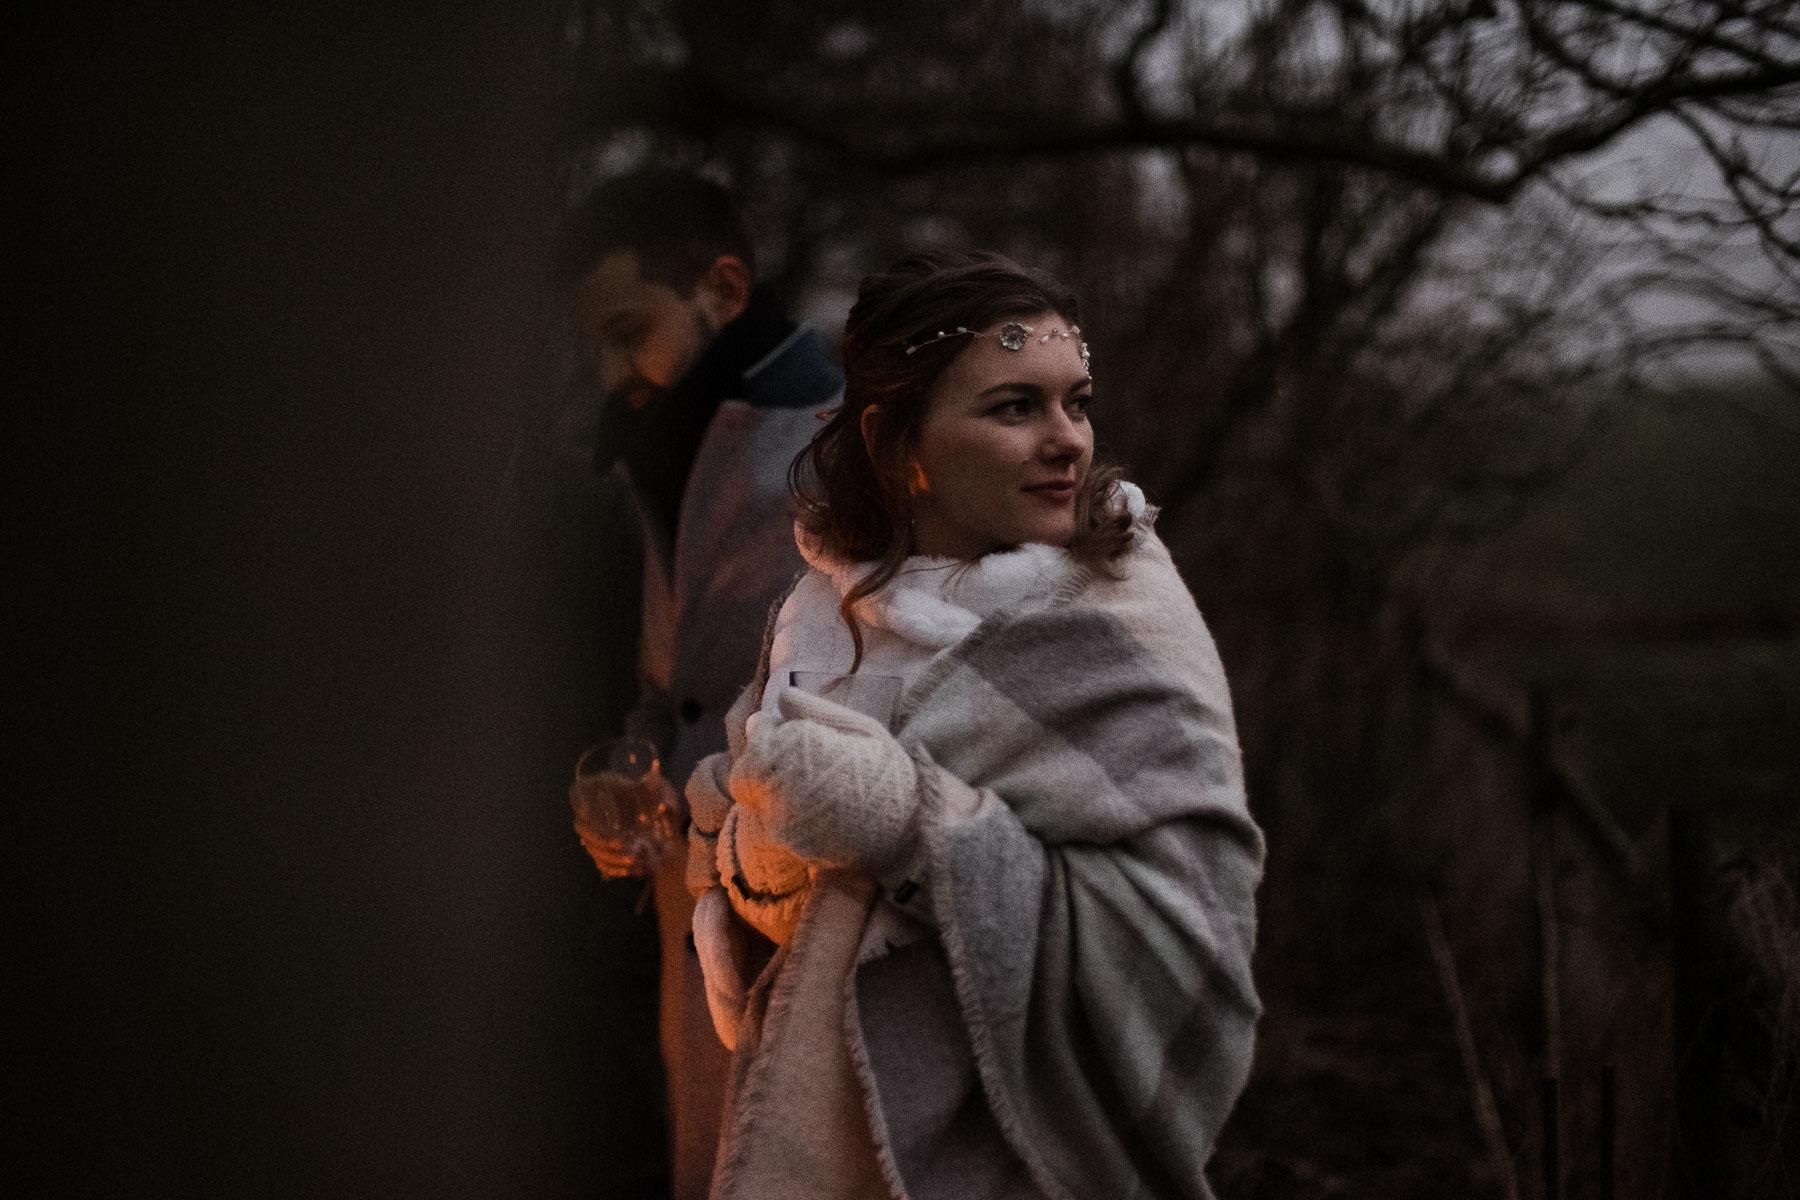 die Braut steht in ihrem Brautkleid in einer Decke gehüllt im Licht der Feuerschale, sie trägt Handschuhe und schaut nach hinten